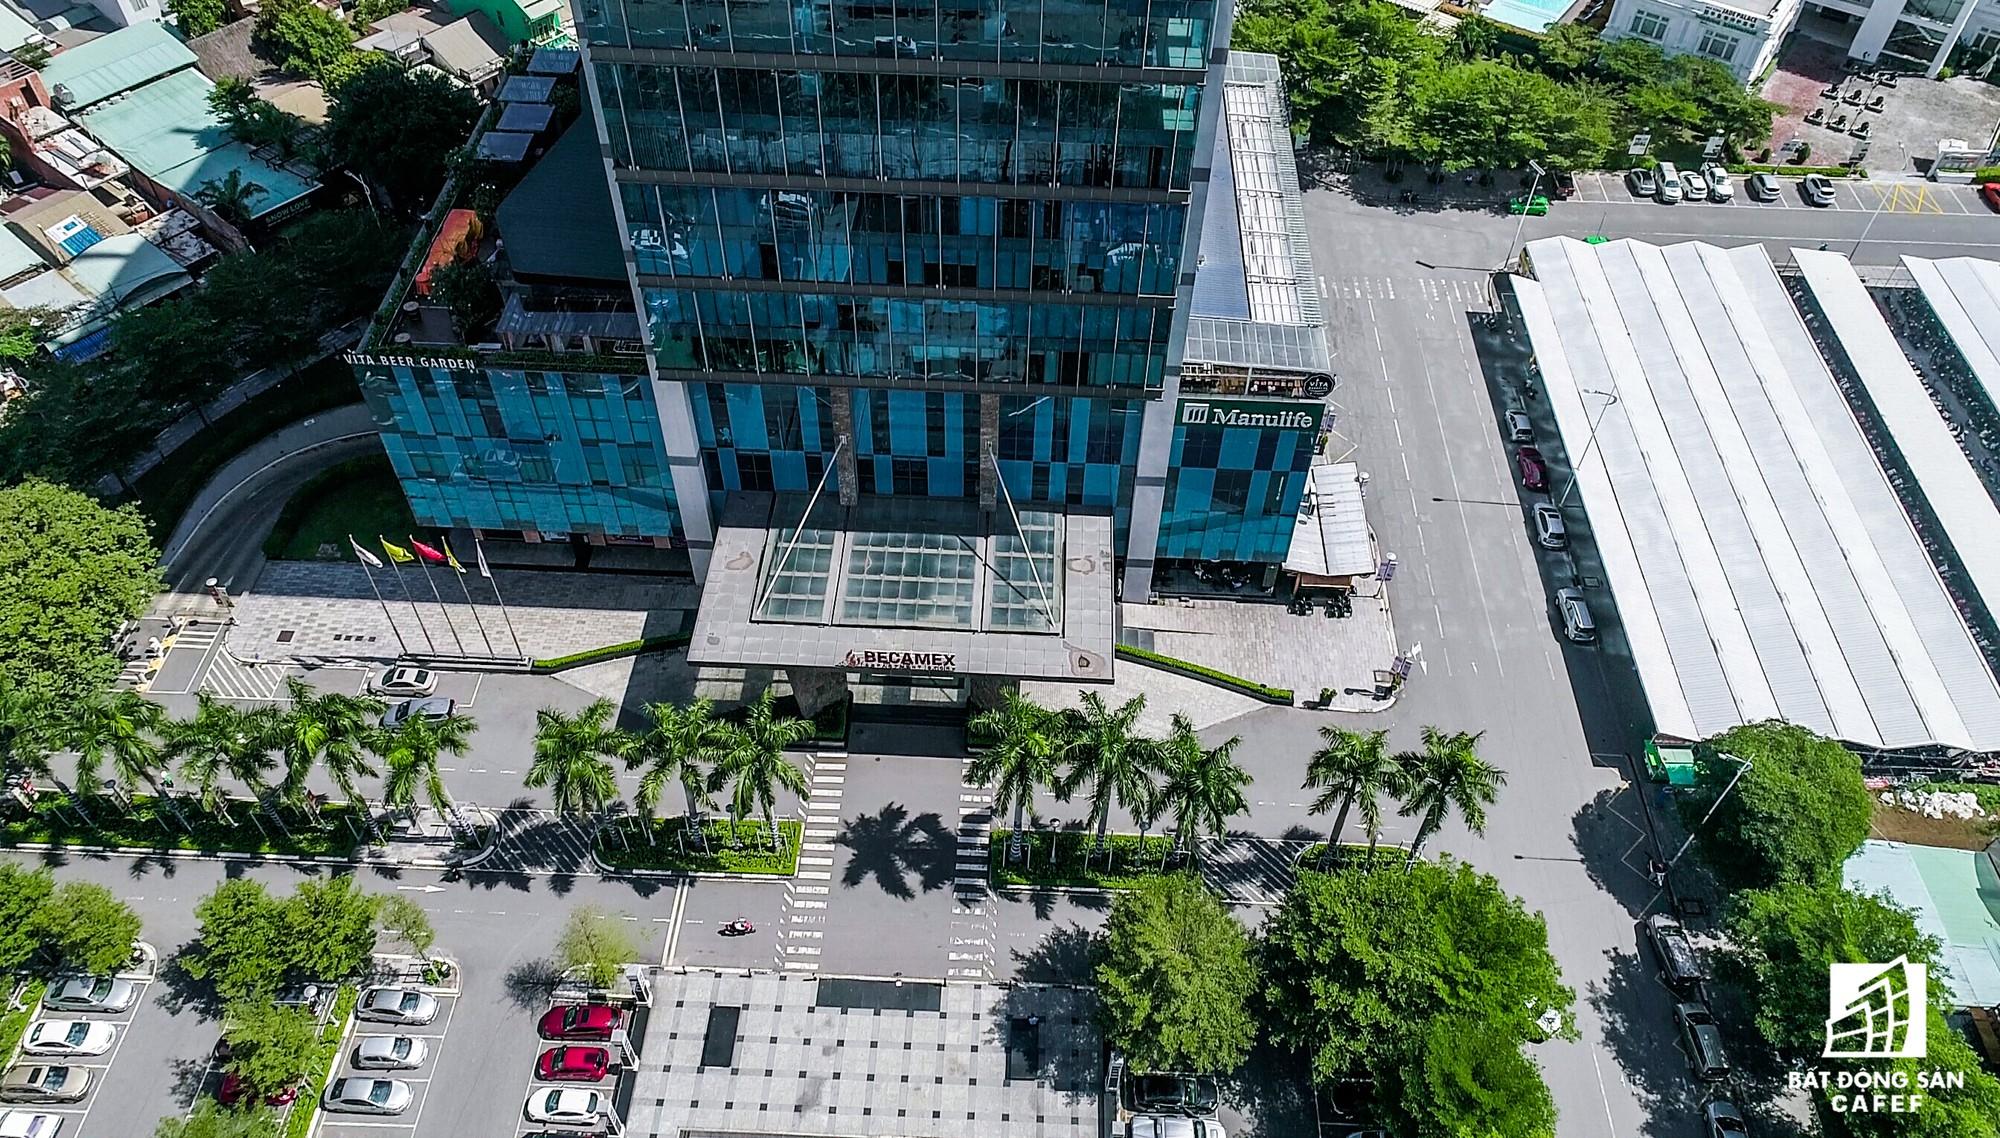 Được thi công ngay mặt tiền Đại lộ Bình Dương, nằm 1 sốh thành thị mới Bình Dương dao động 7km, Tổ hợp Becamex Tower đang là khu nhà ở diện tích nhất tỉnh Bình Dương. Bên cạnh là 1 số khu công nghiệp VSIP cũng của công ty này đầu tư.